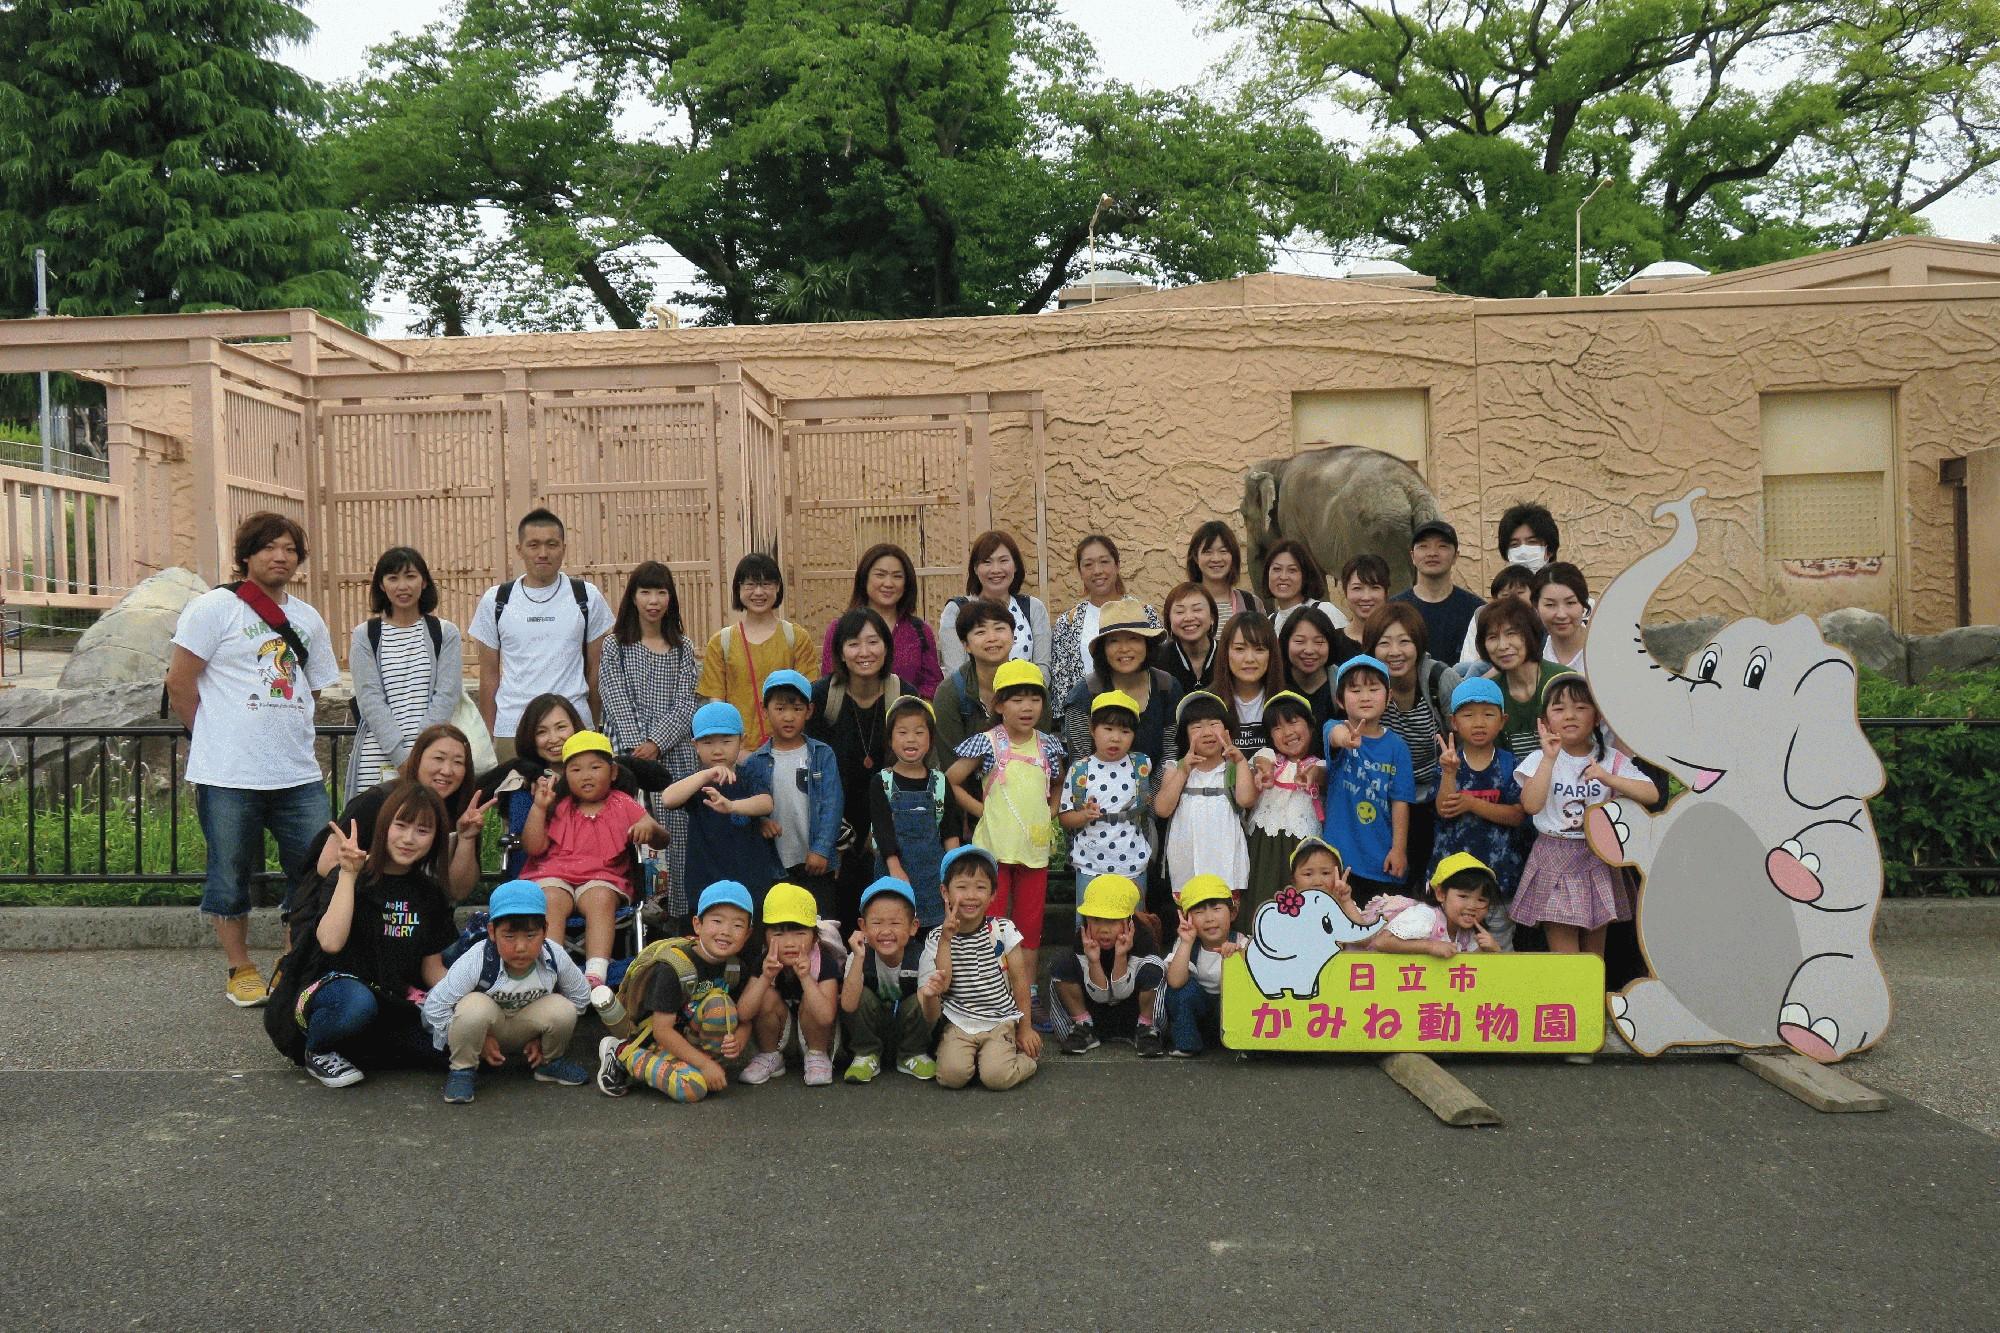 5月31日 親子遠足に行ってきました